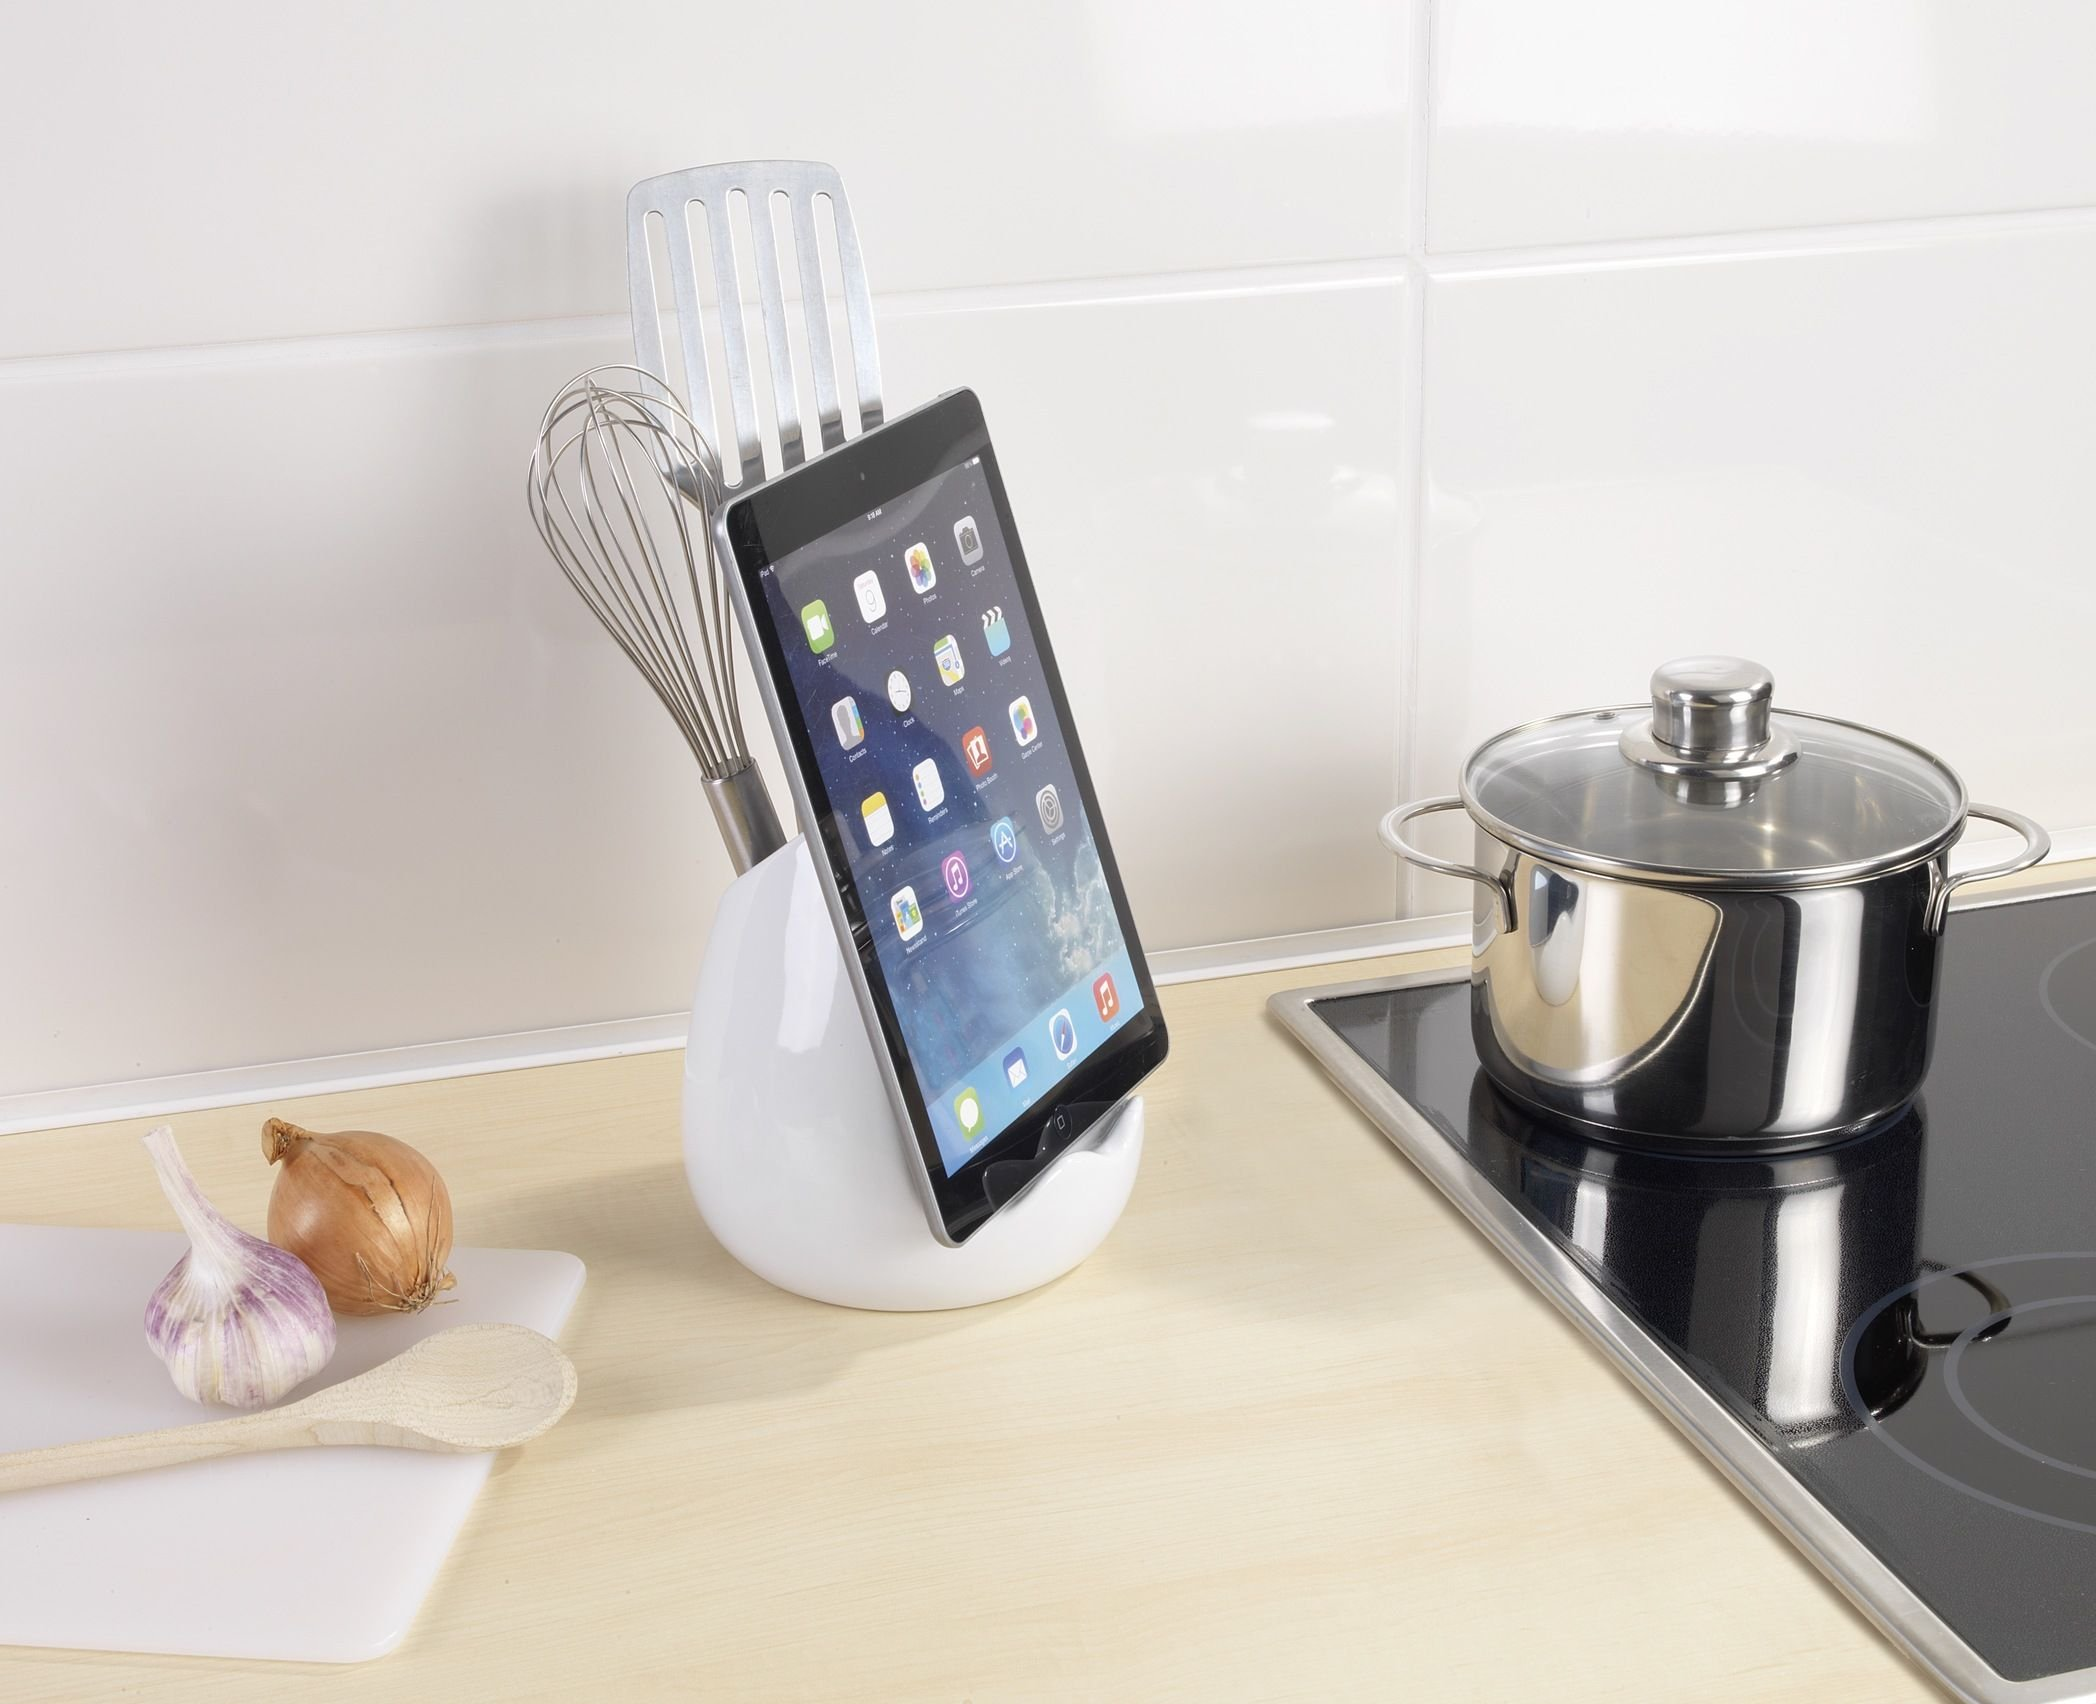 Wenko Organizador con Soporte para Tablet, Cerámica, Blanco, 1115.115x1115x115.115 cm